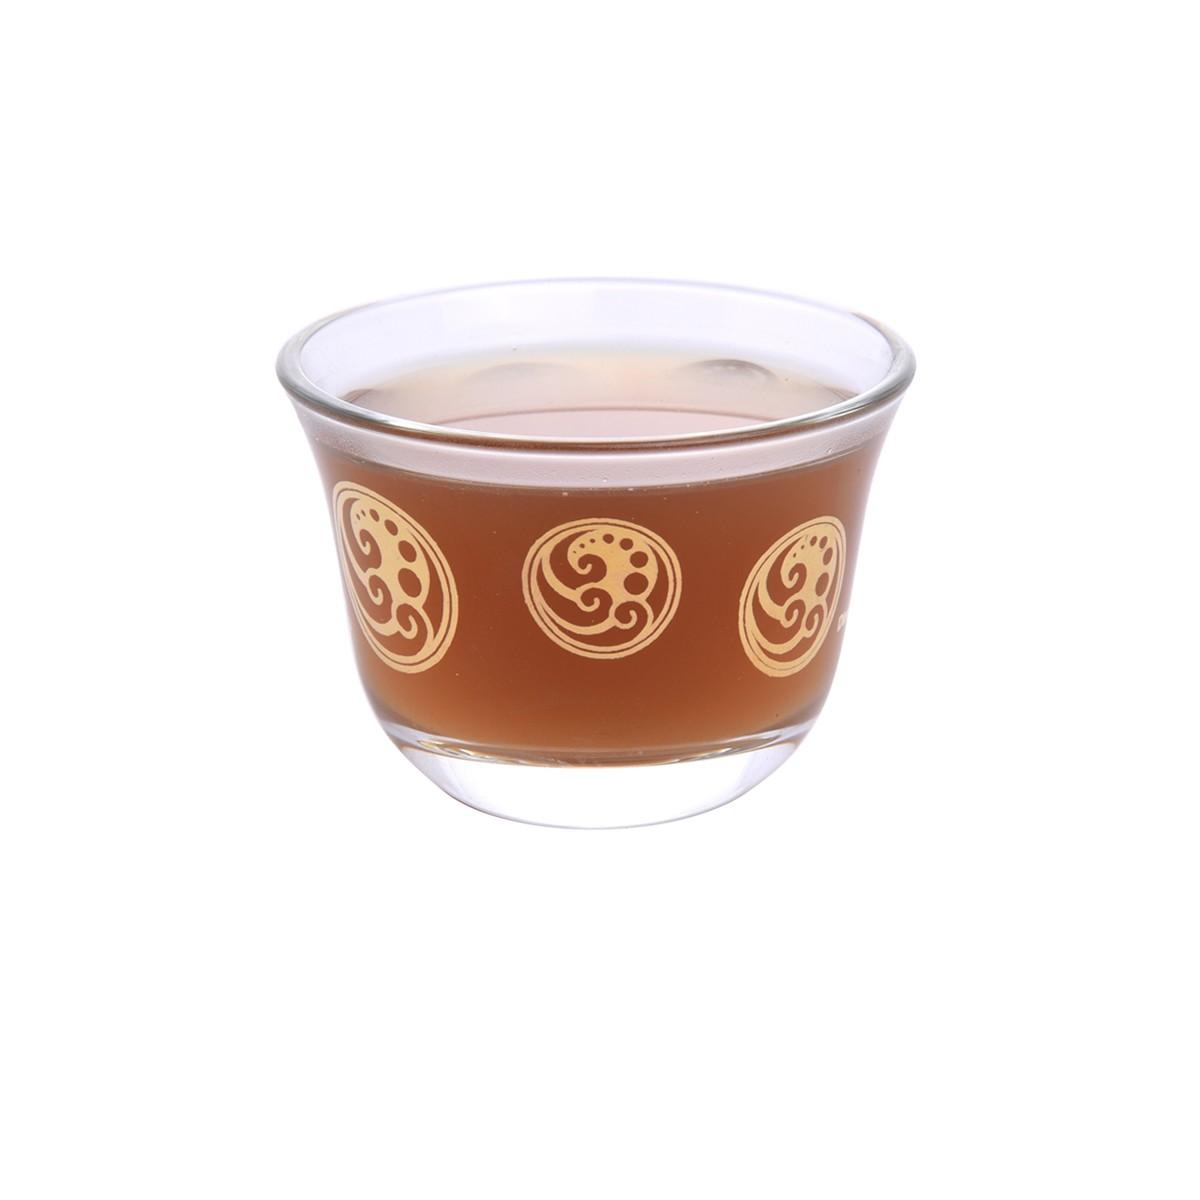 طقم فناجين قهوة زجاج مذهب 6 قطعة DJ-42212